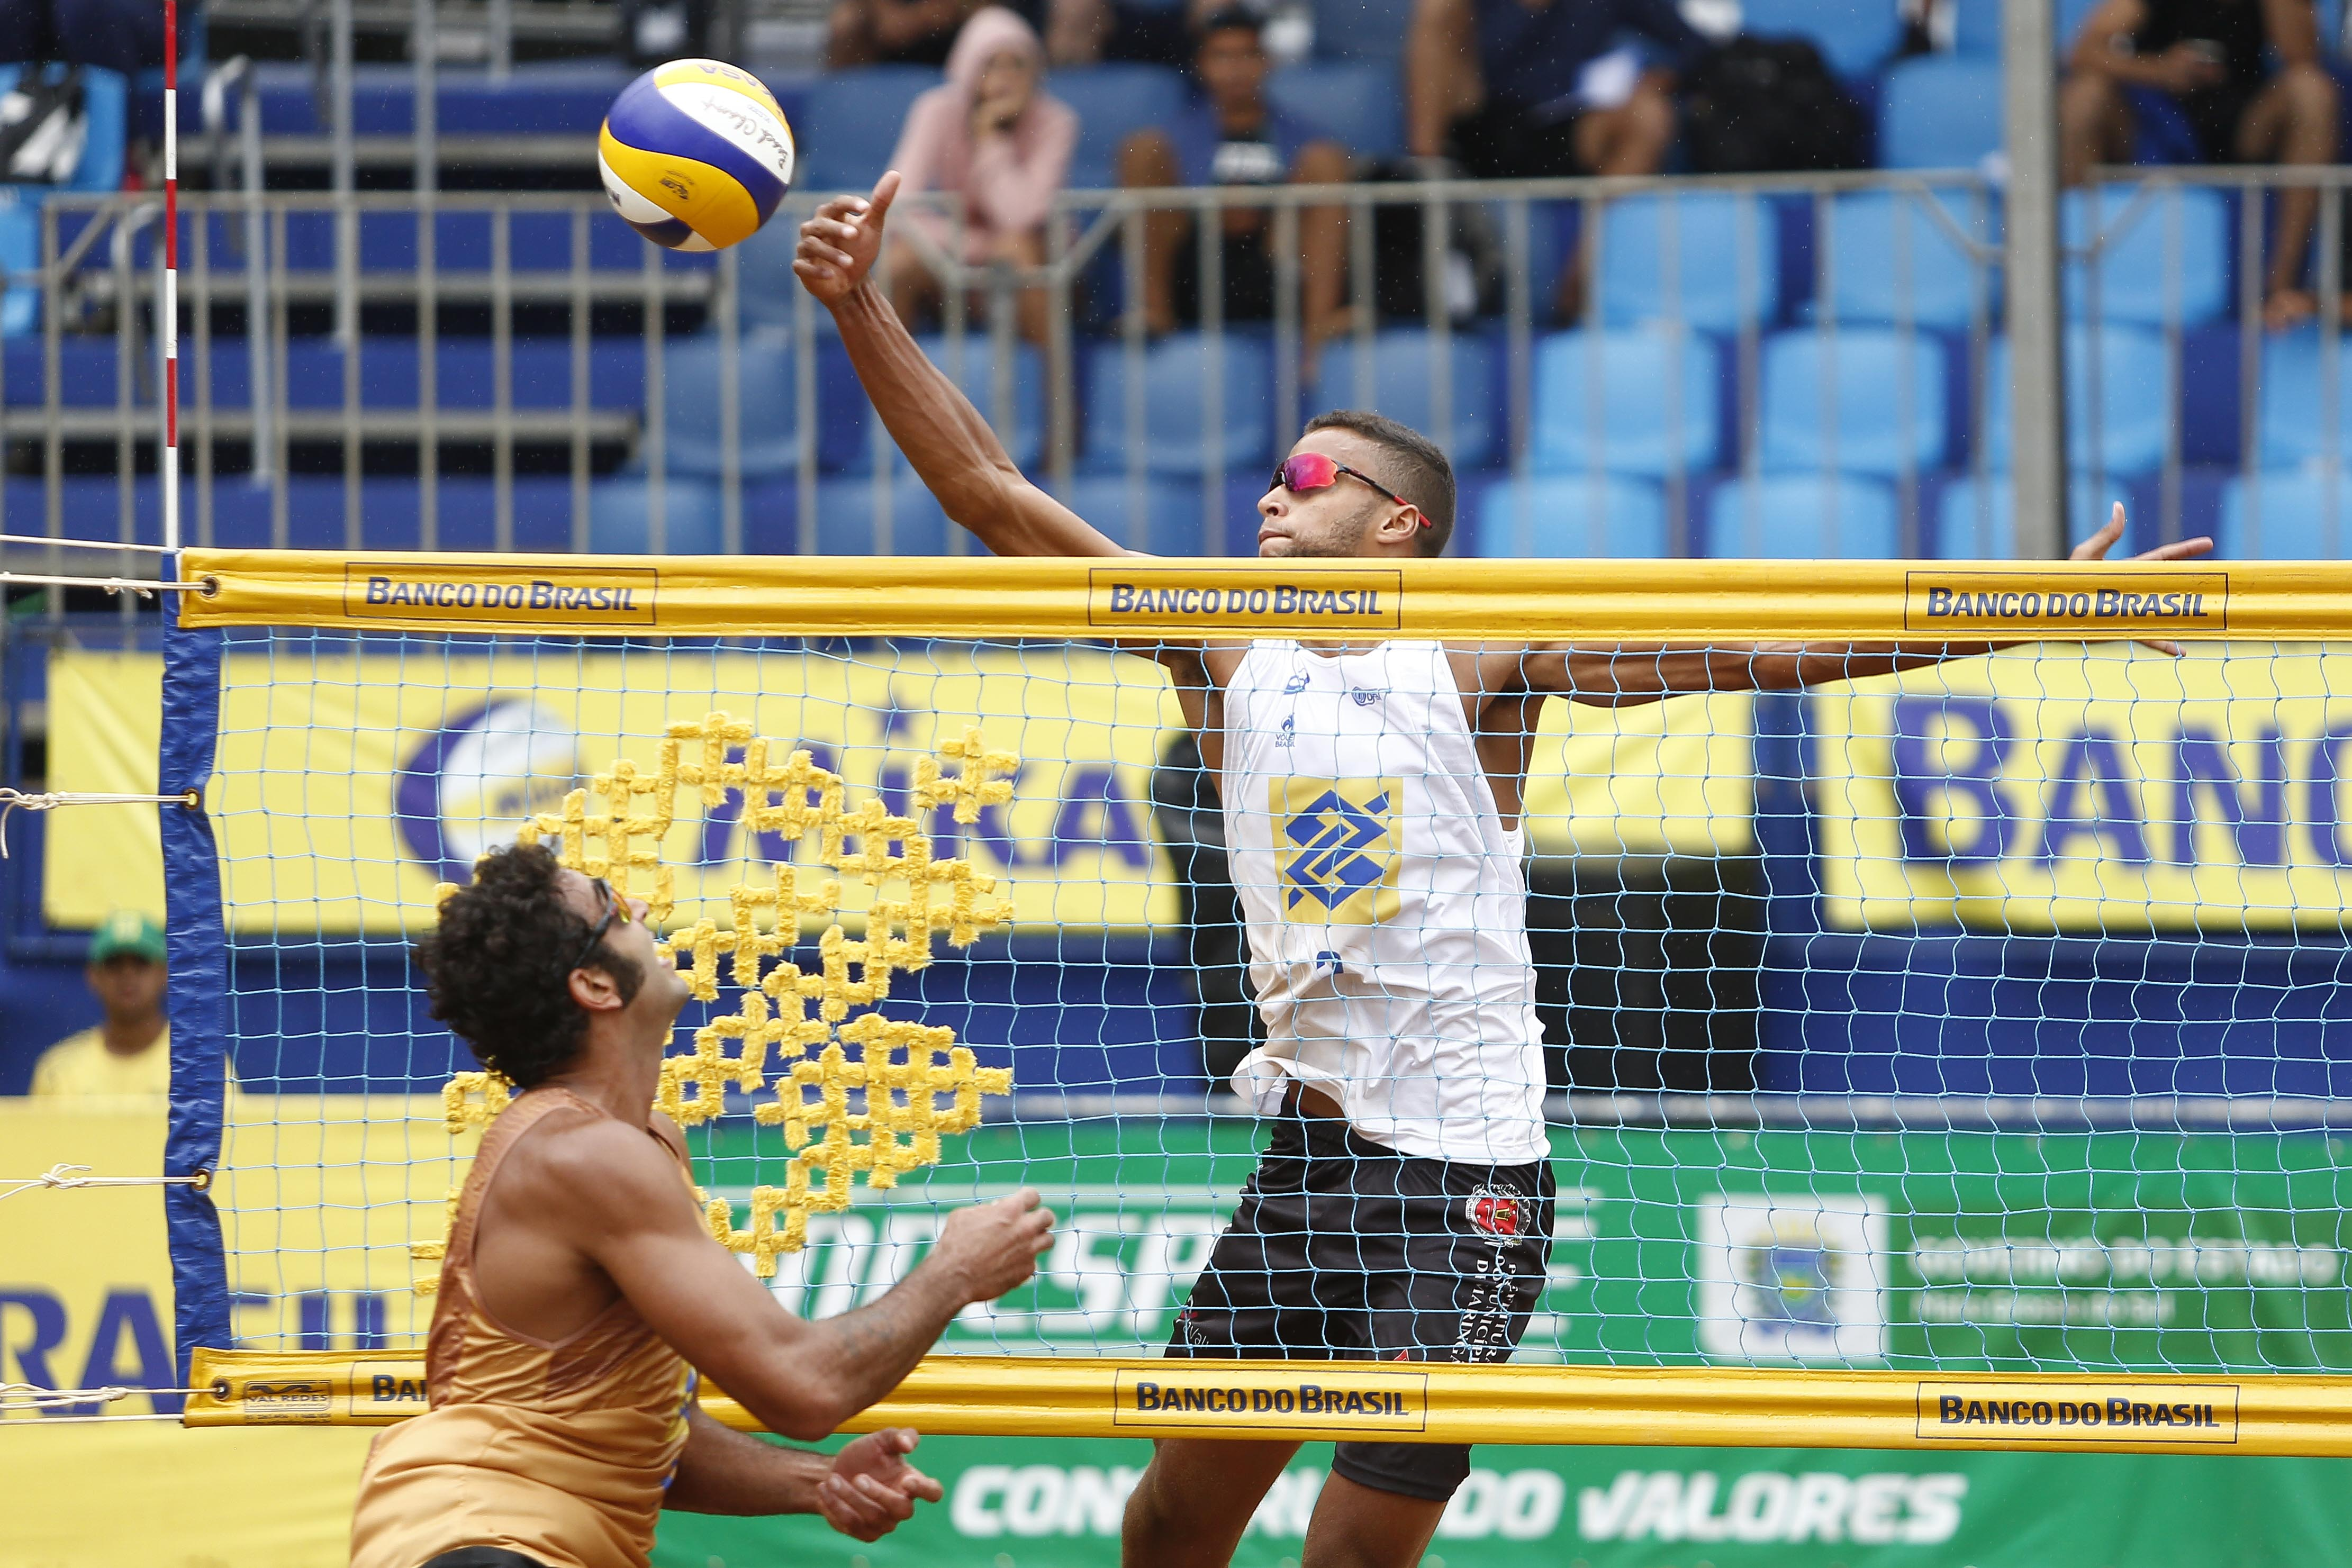 Oitavas de final são definidas em Campo Grande com atletas da casa